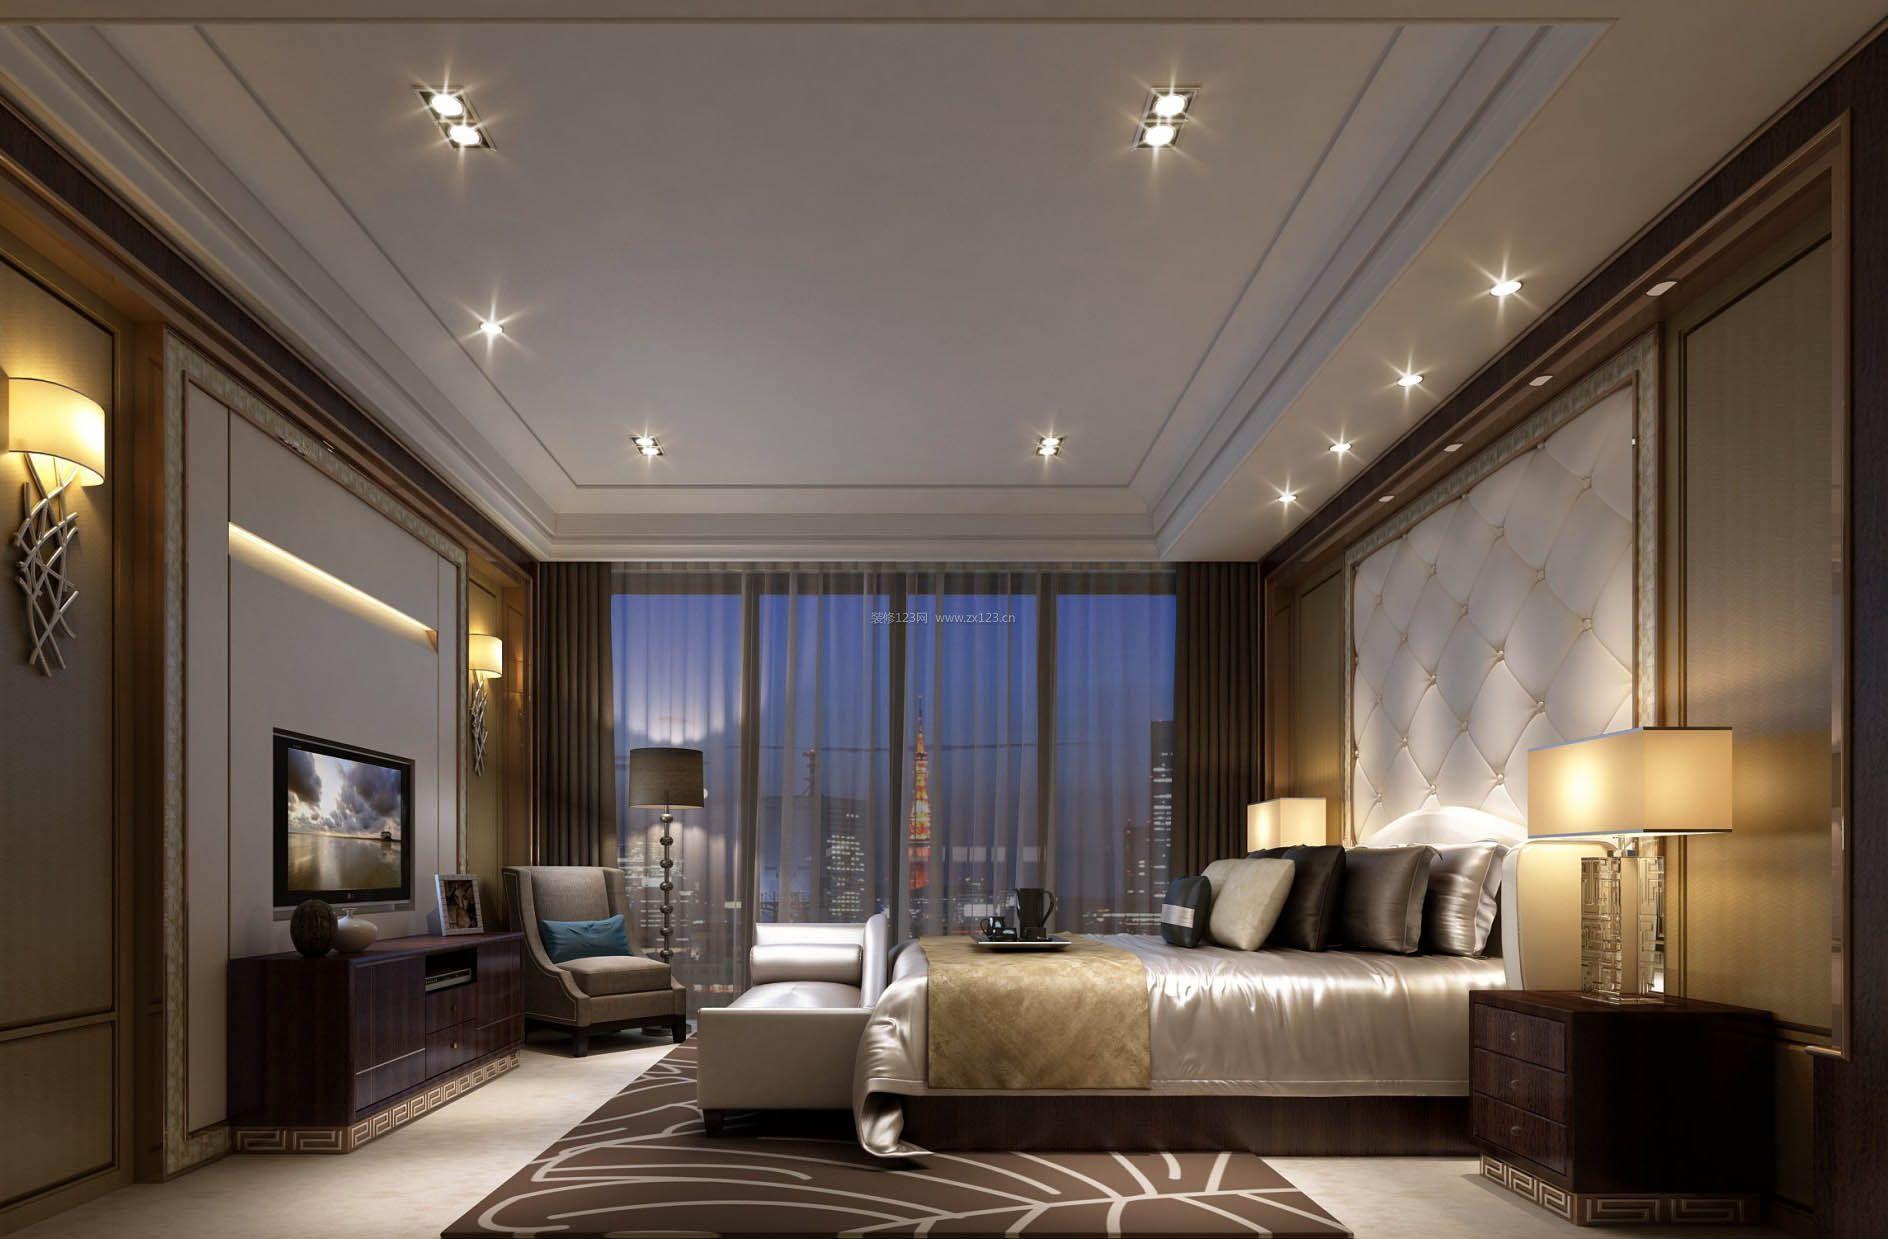 2017豪华美式卧室灯光效果图片欣赏图片